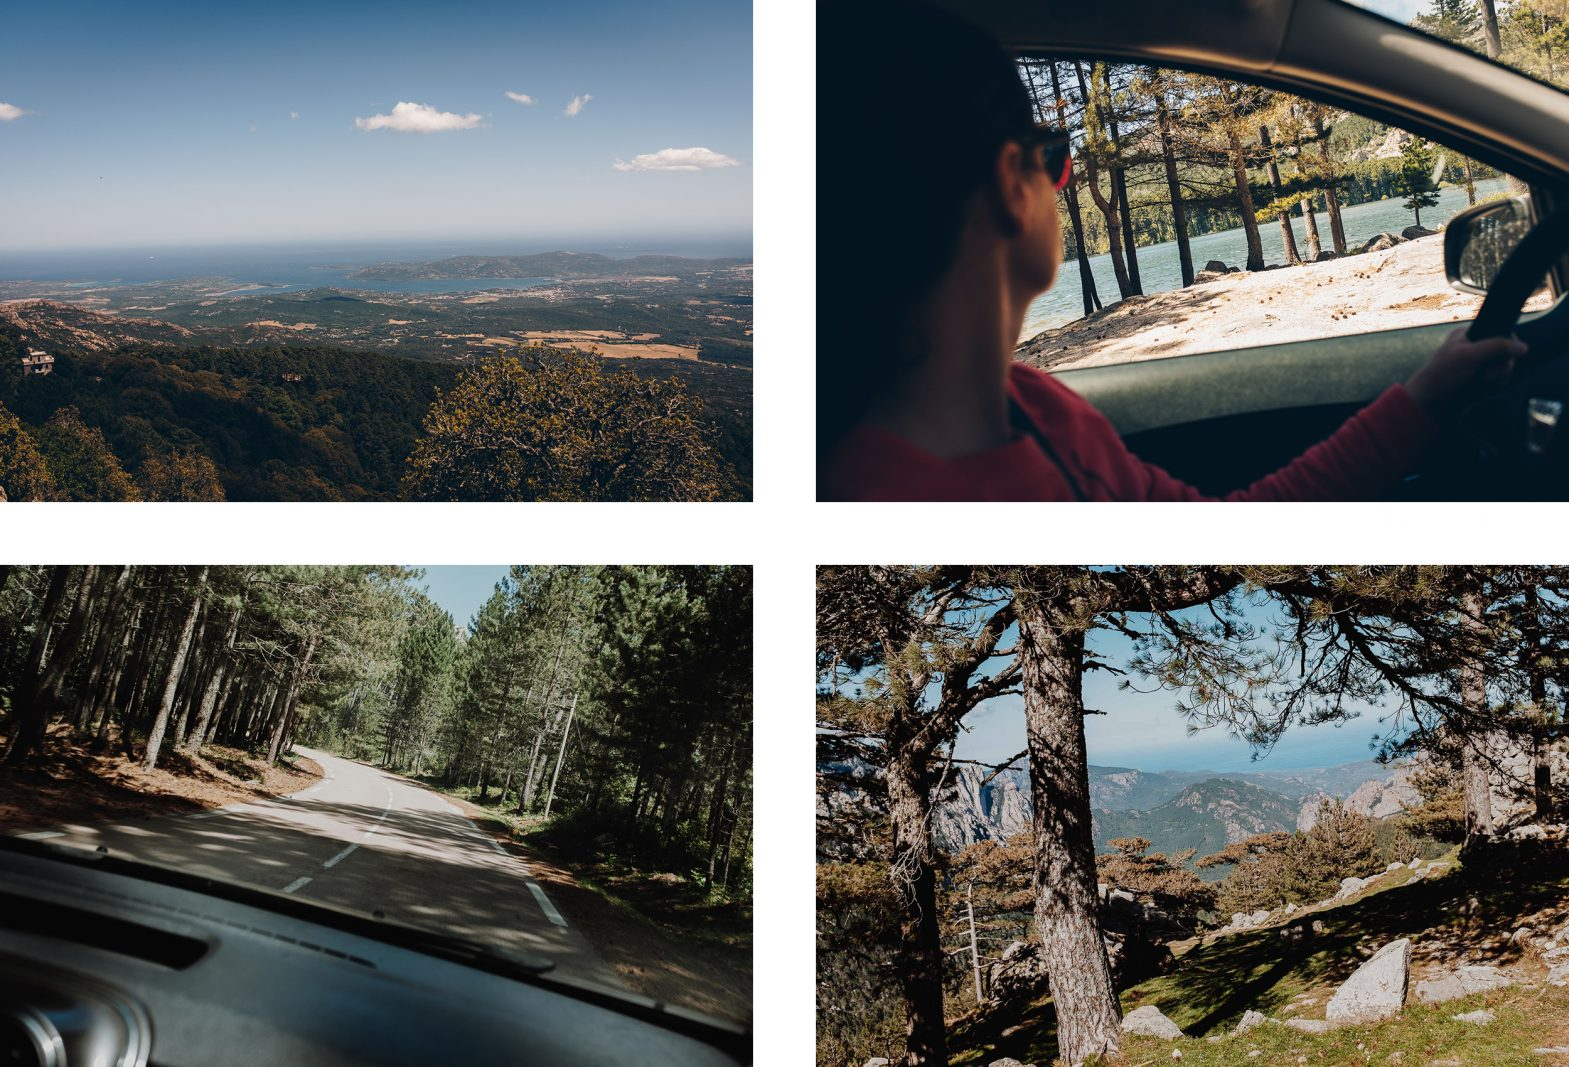 Photos & bonnes adresses Corse du Sud. Road Trip vers les Aiguilles de Bavella. L'oeil de Noémie, photographe et blogueuse voyage. Belle photo de Corse.